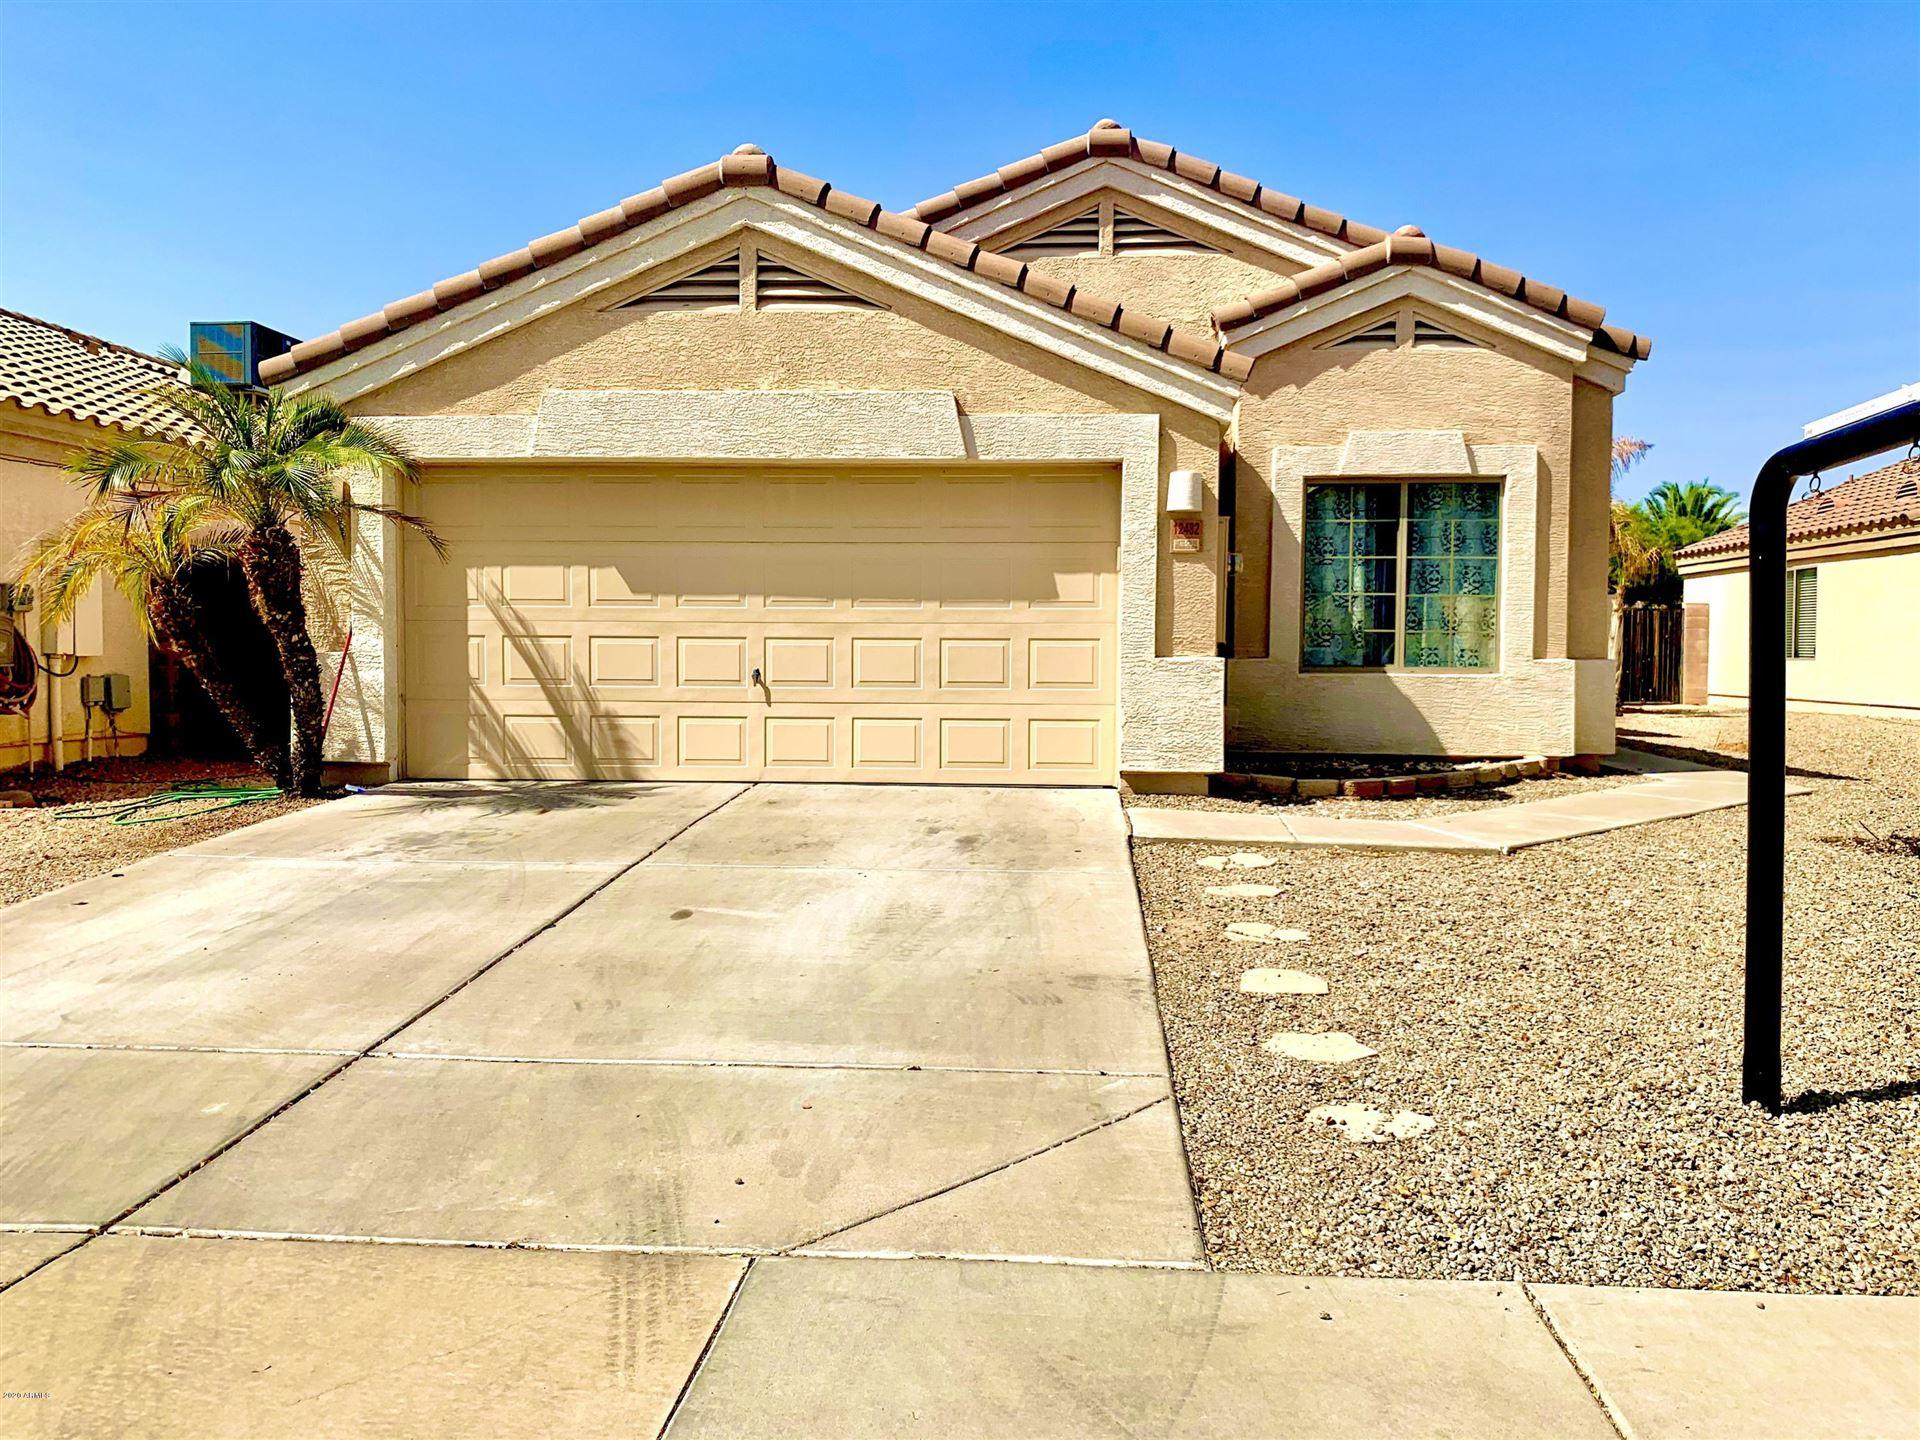 12482 W SAINT MORITZ Lane, El Mirage, AZ 85335 - MLS#: 6132235